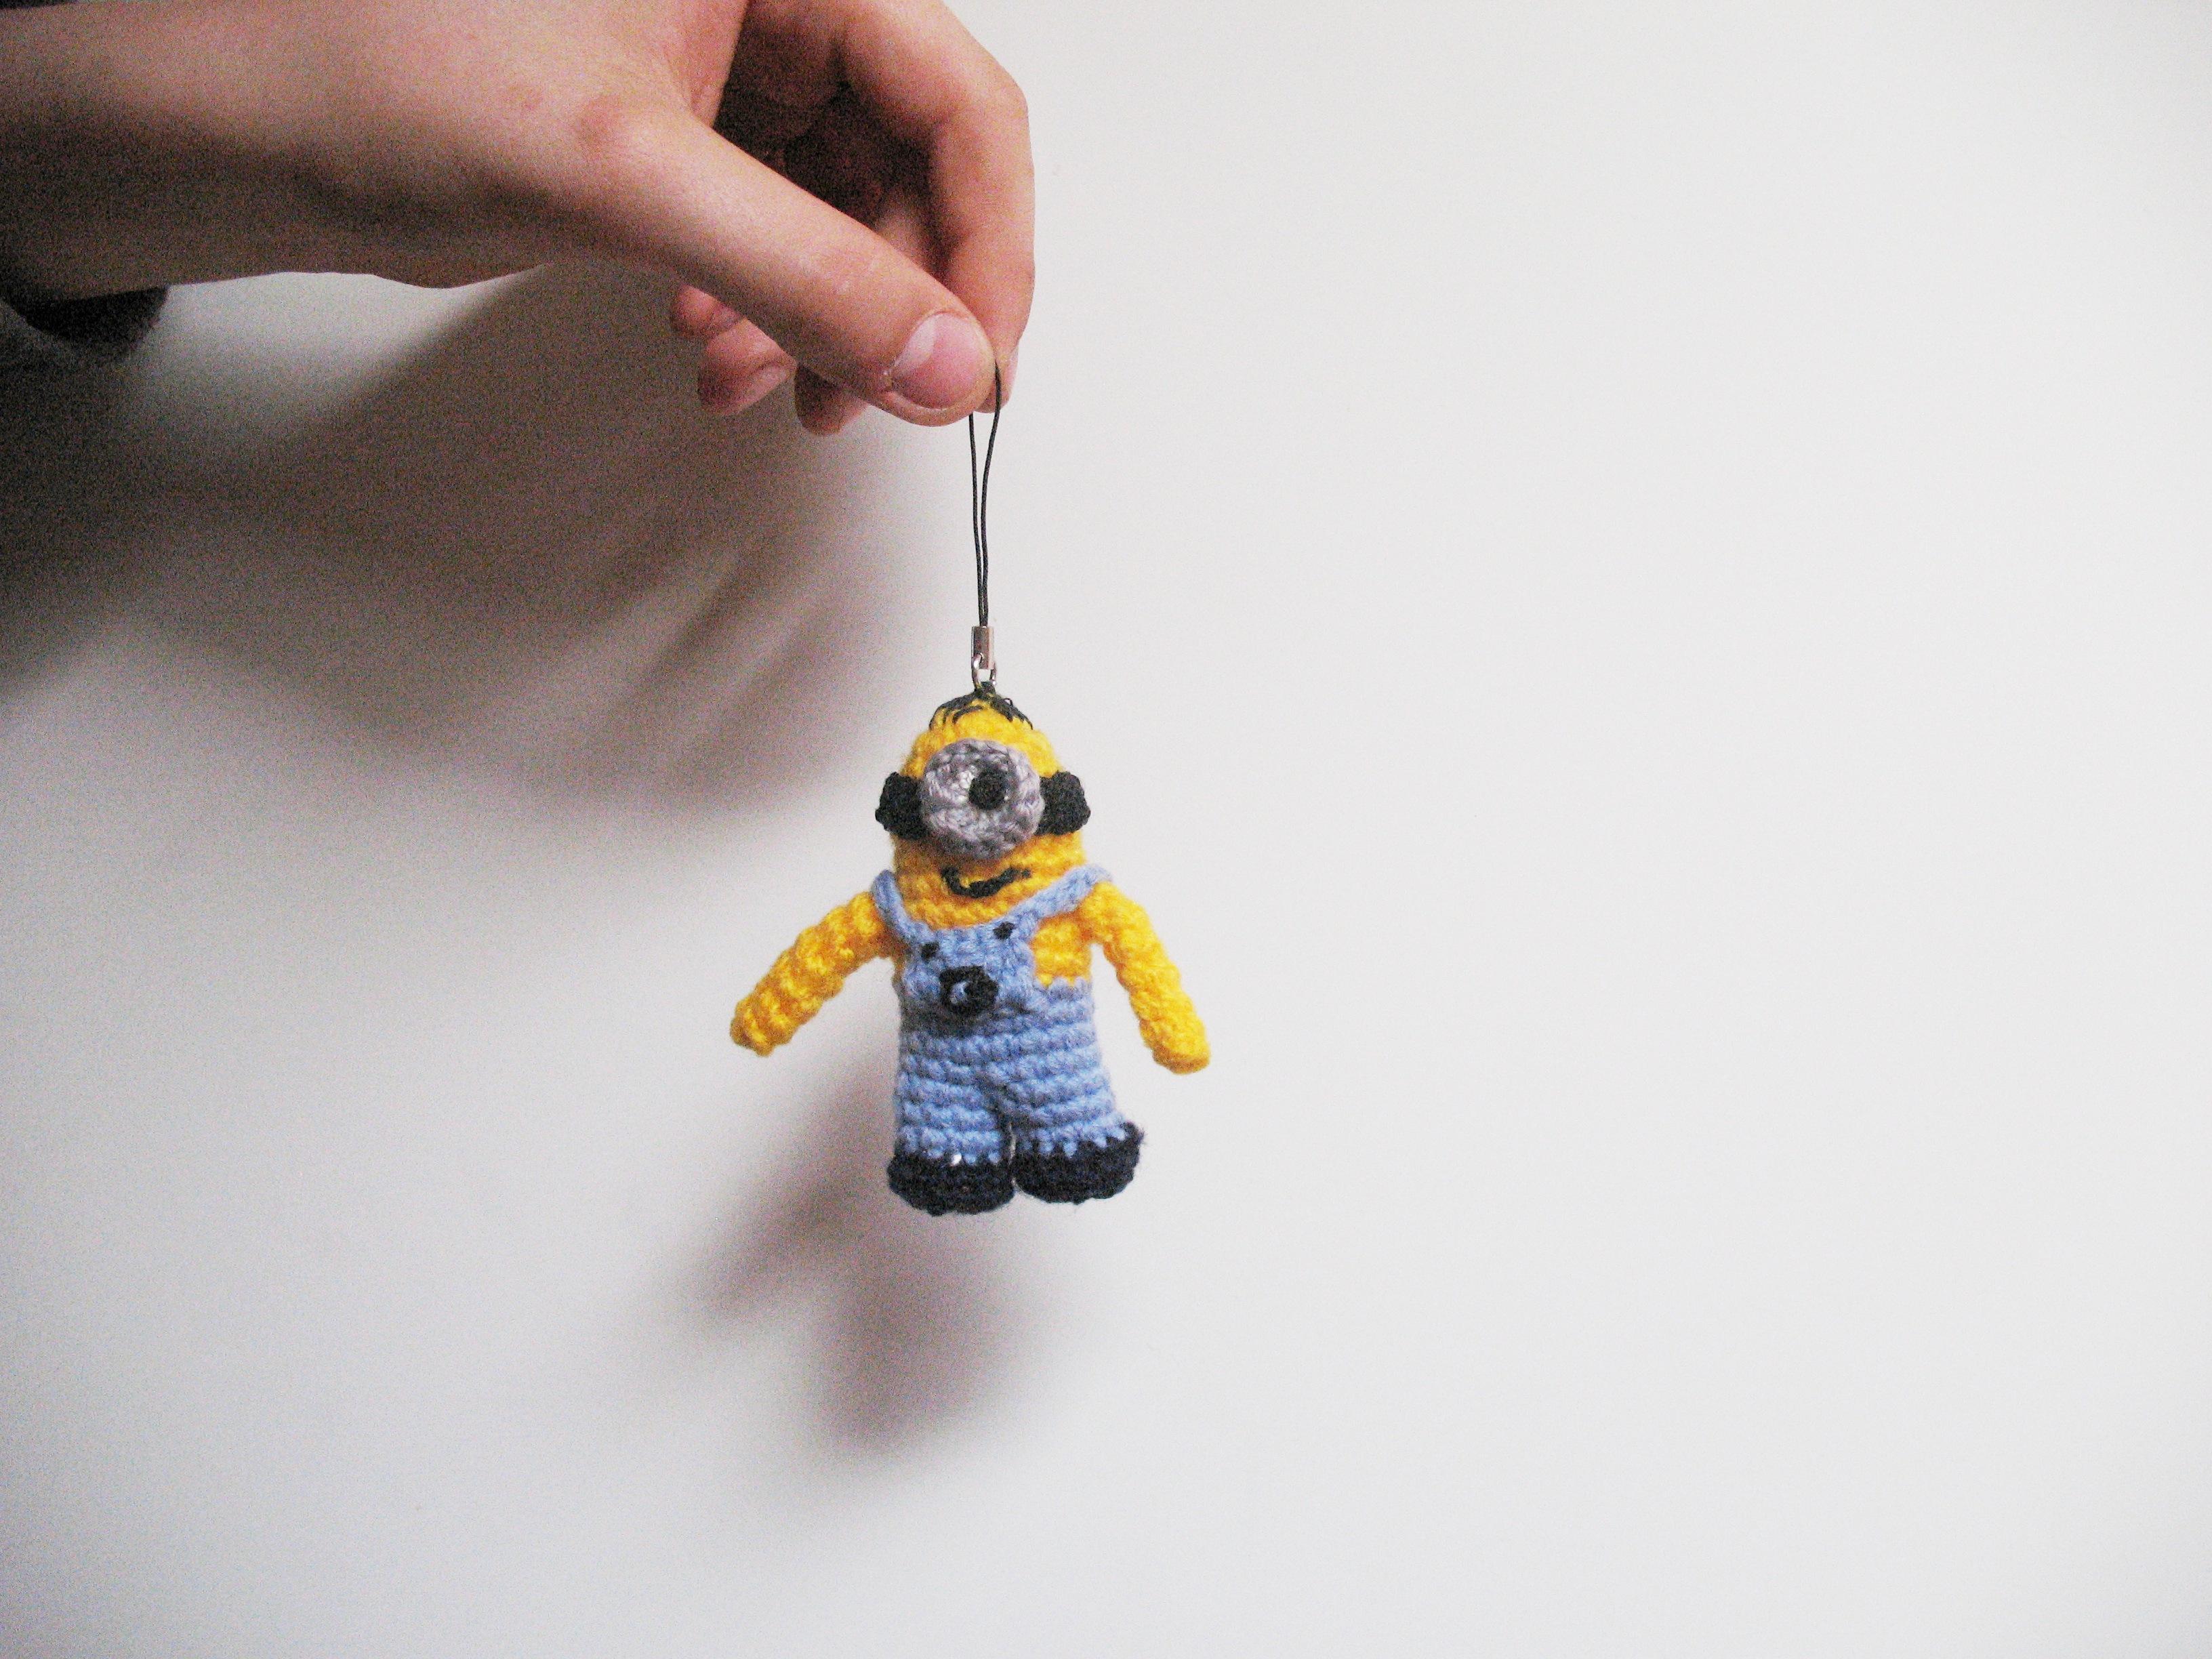 Amigurumi Minion Schlusselanhanger : Minion inspired keychain // Minion-Amigurumi als ...